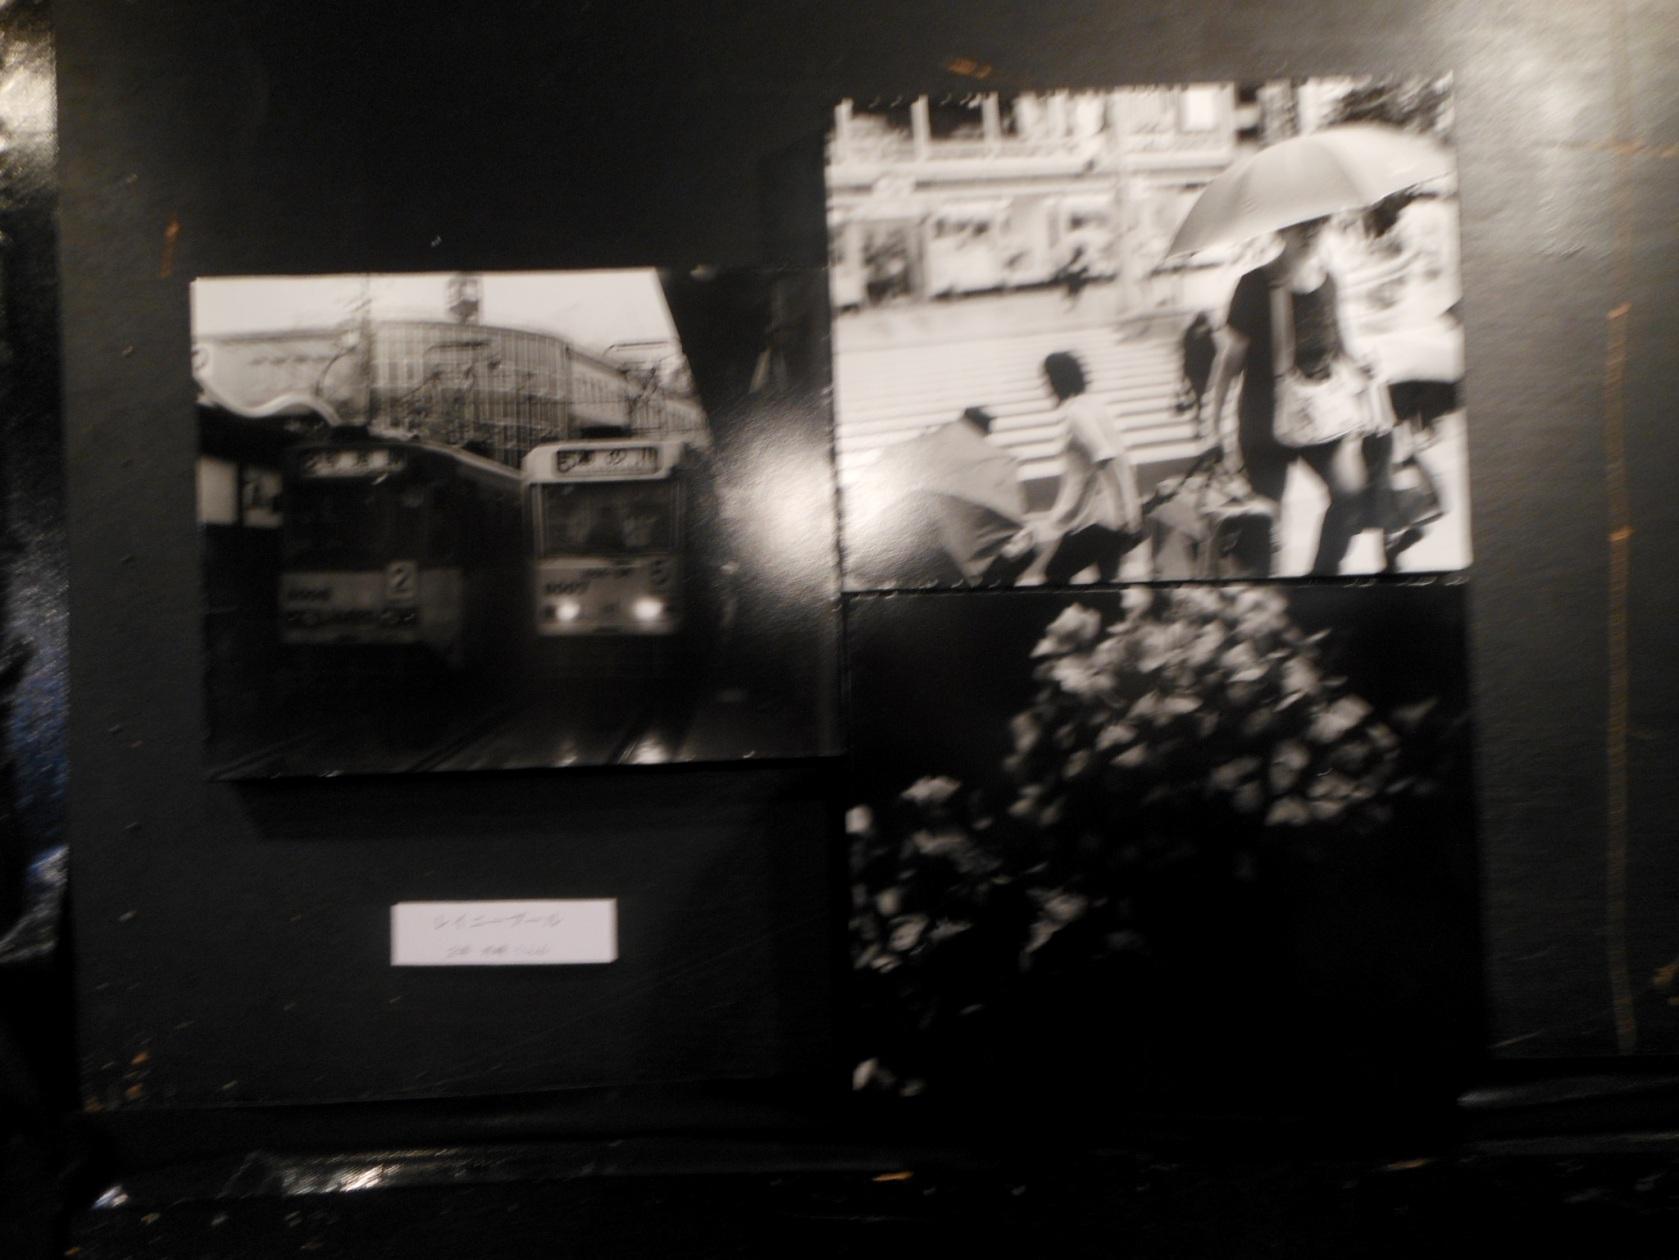 1793) 「札幌大学大学写真部 文連祭」 札幌大学構内 終了・6月16日(土)、17日(日)  _f0126829_11131573.jpg